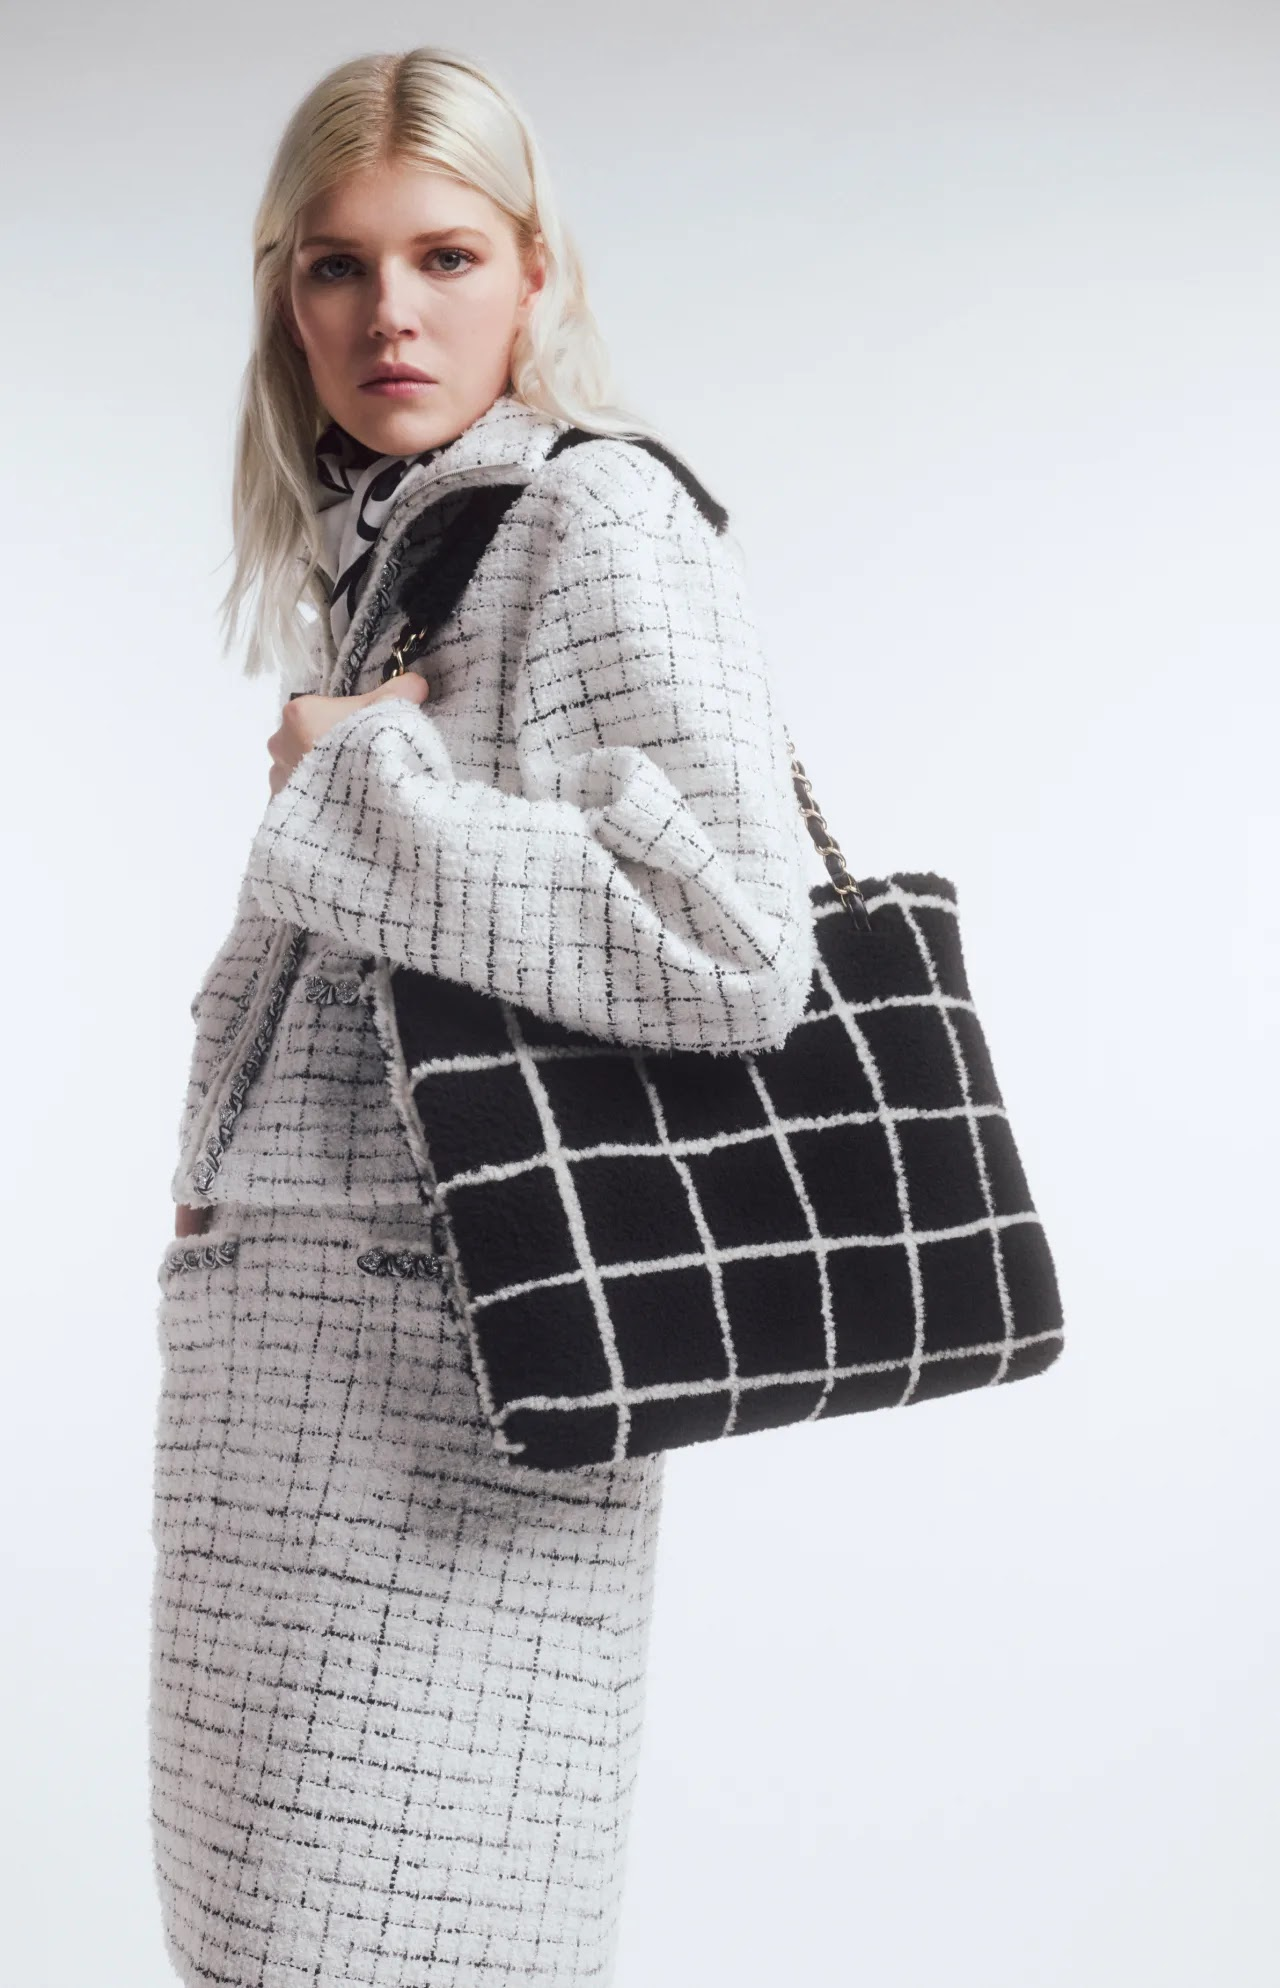 Chanel Sherling Lambskin B&W Shopping bag